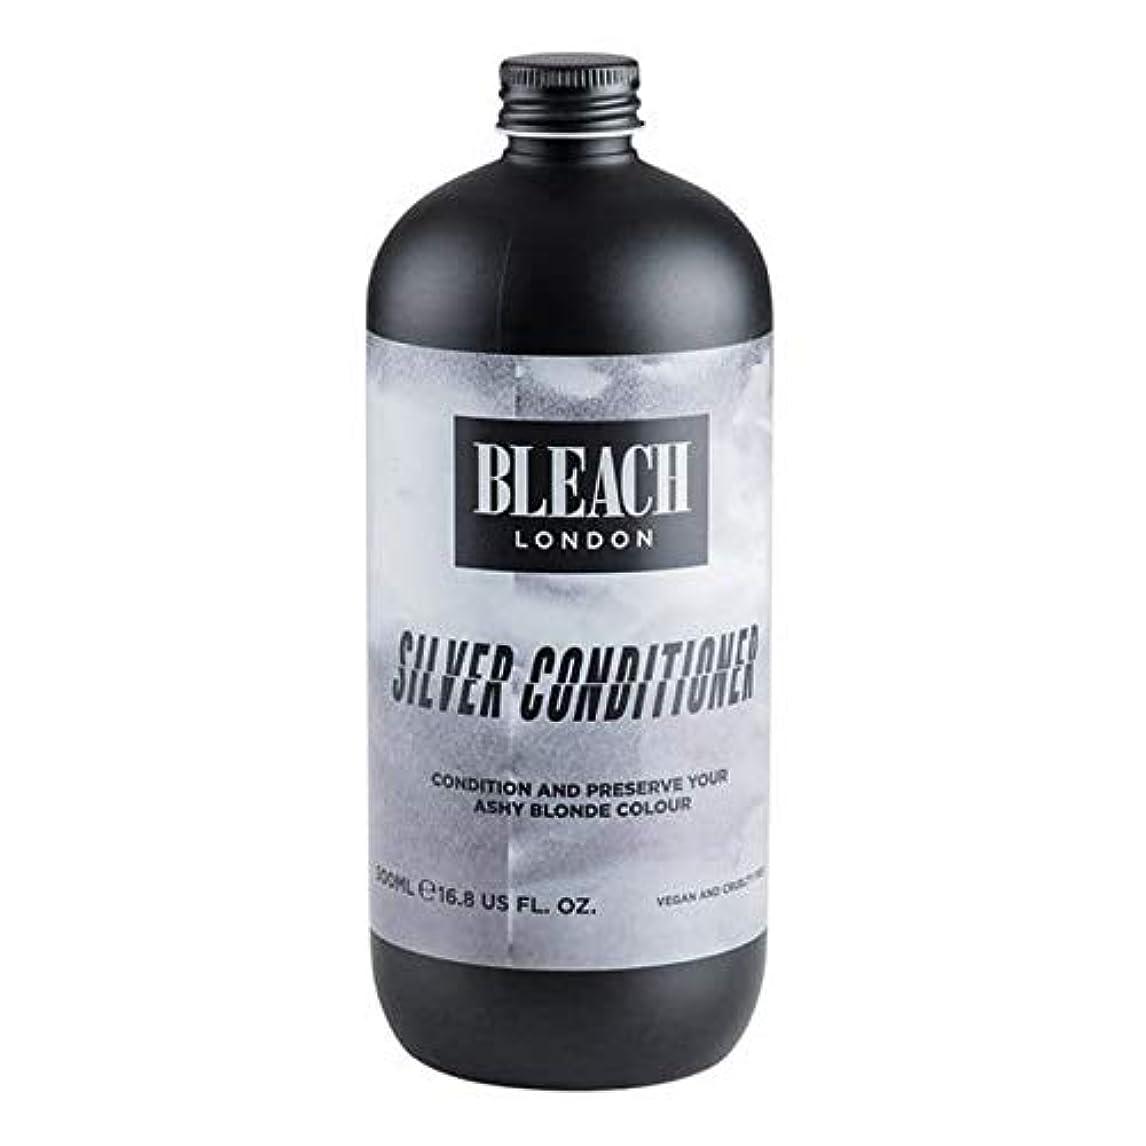 コストパーフェルビッドタイトル[Bleach London ] 漂白ロンドン銀コンディショナー500ミリリットル - Bleach London Silver Conditioner 500ml [並行輸入品]